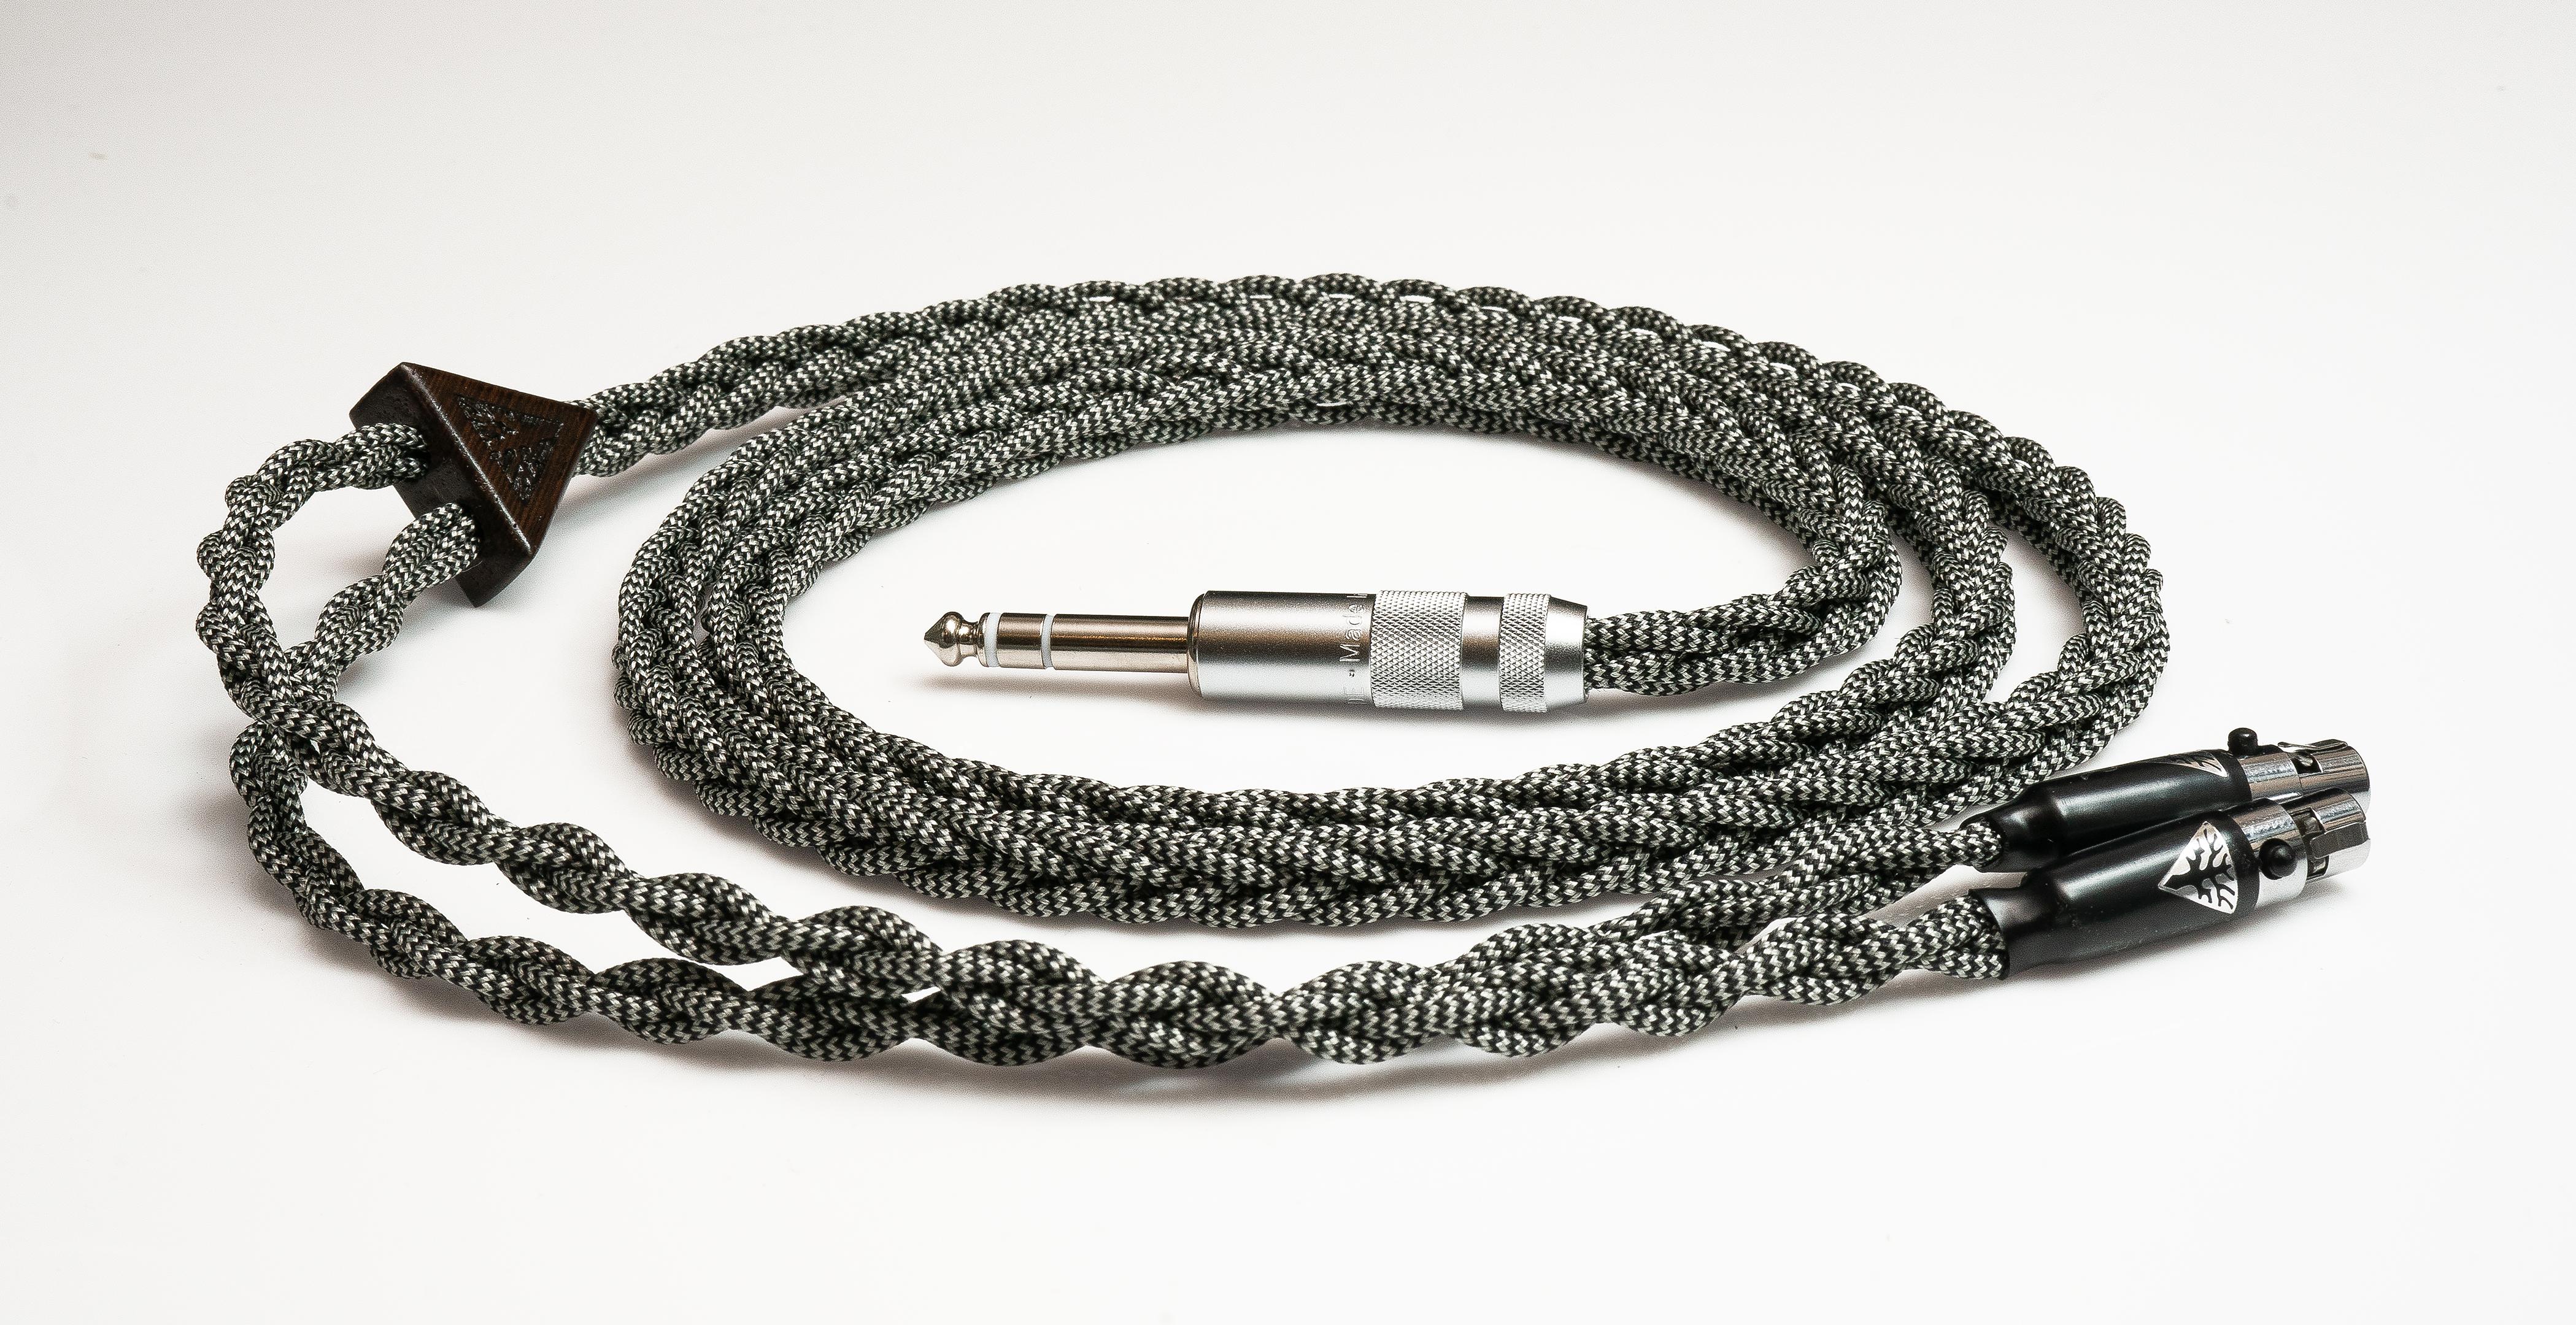 NamelessOne-silverblack-herring-01.jpg